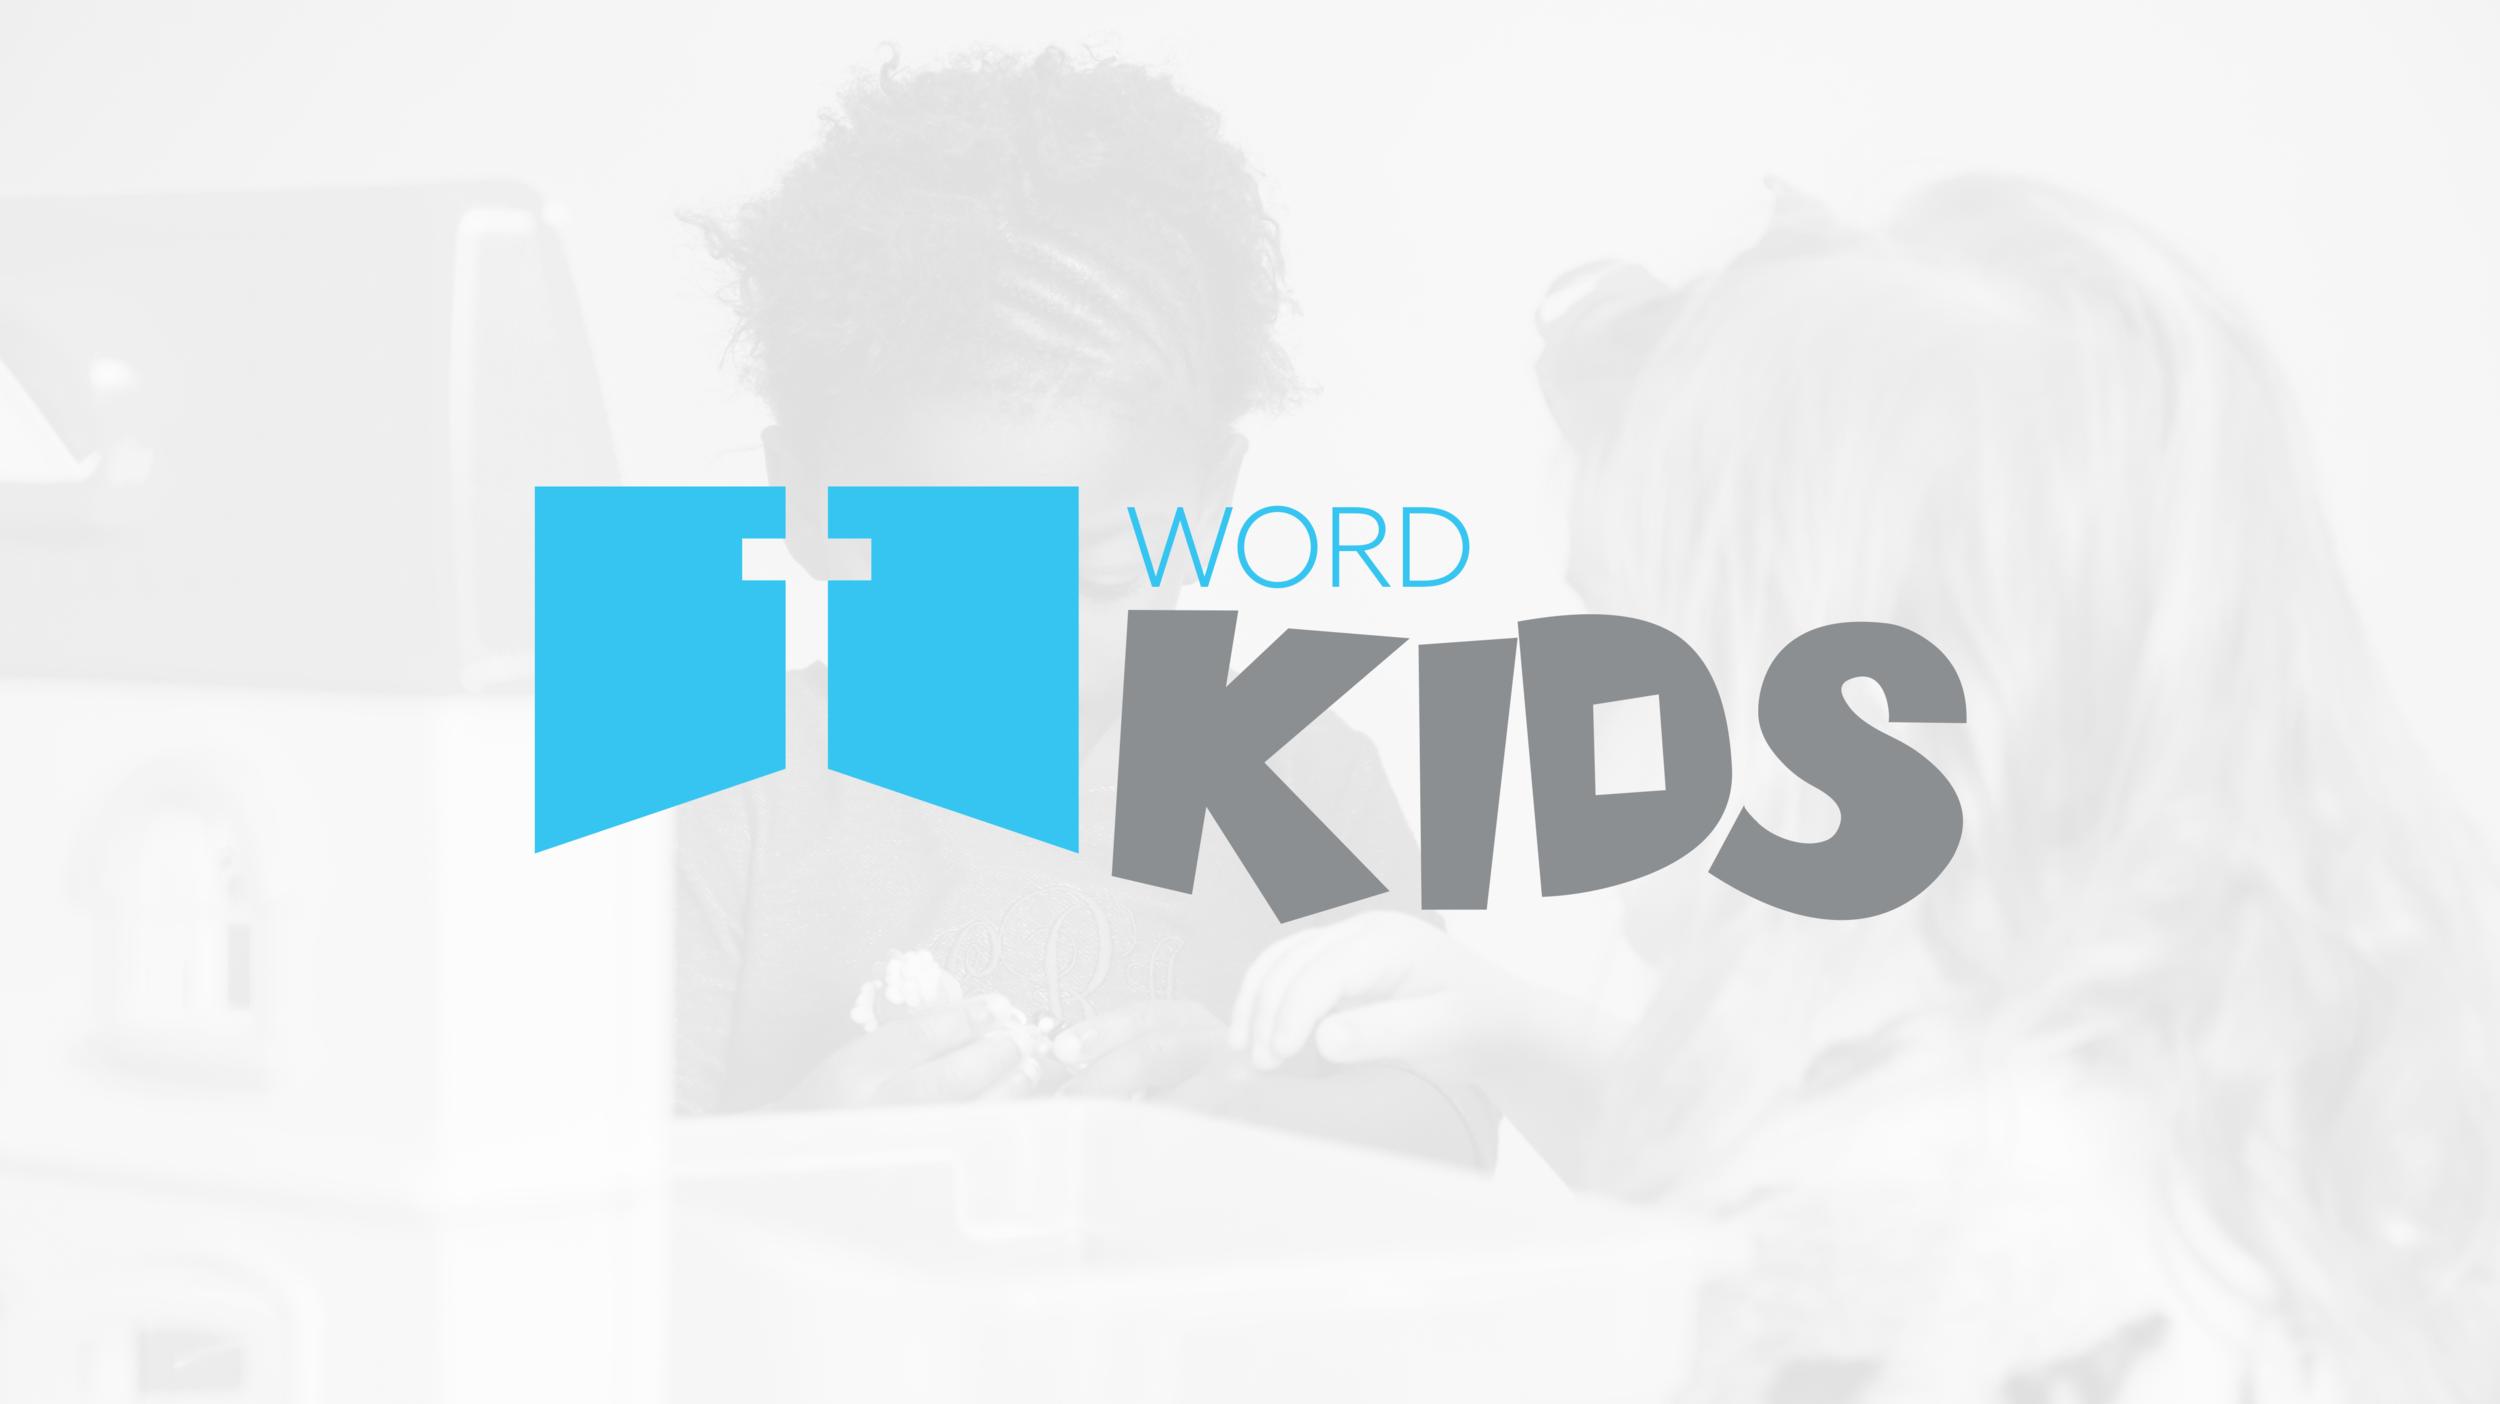 Word kids.png